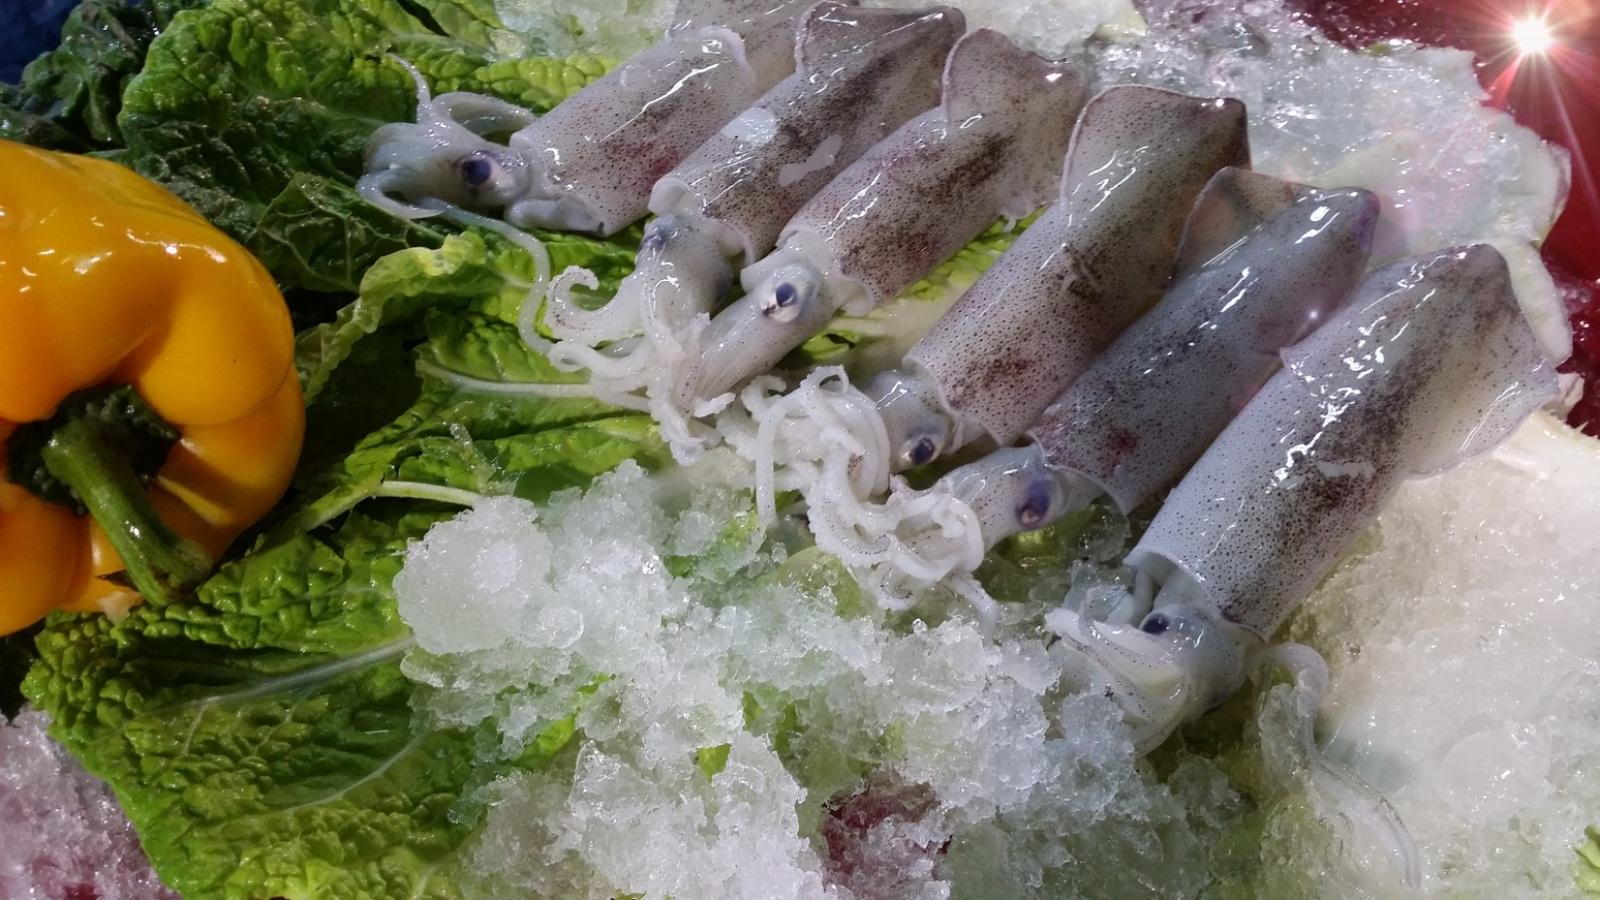 Squid & Cuttlefish image